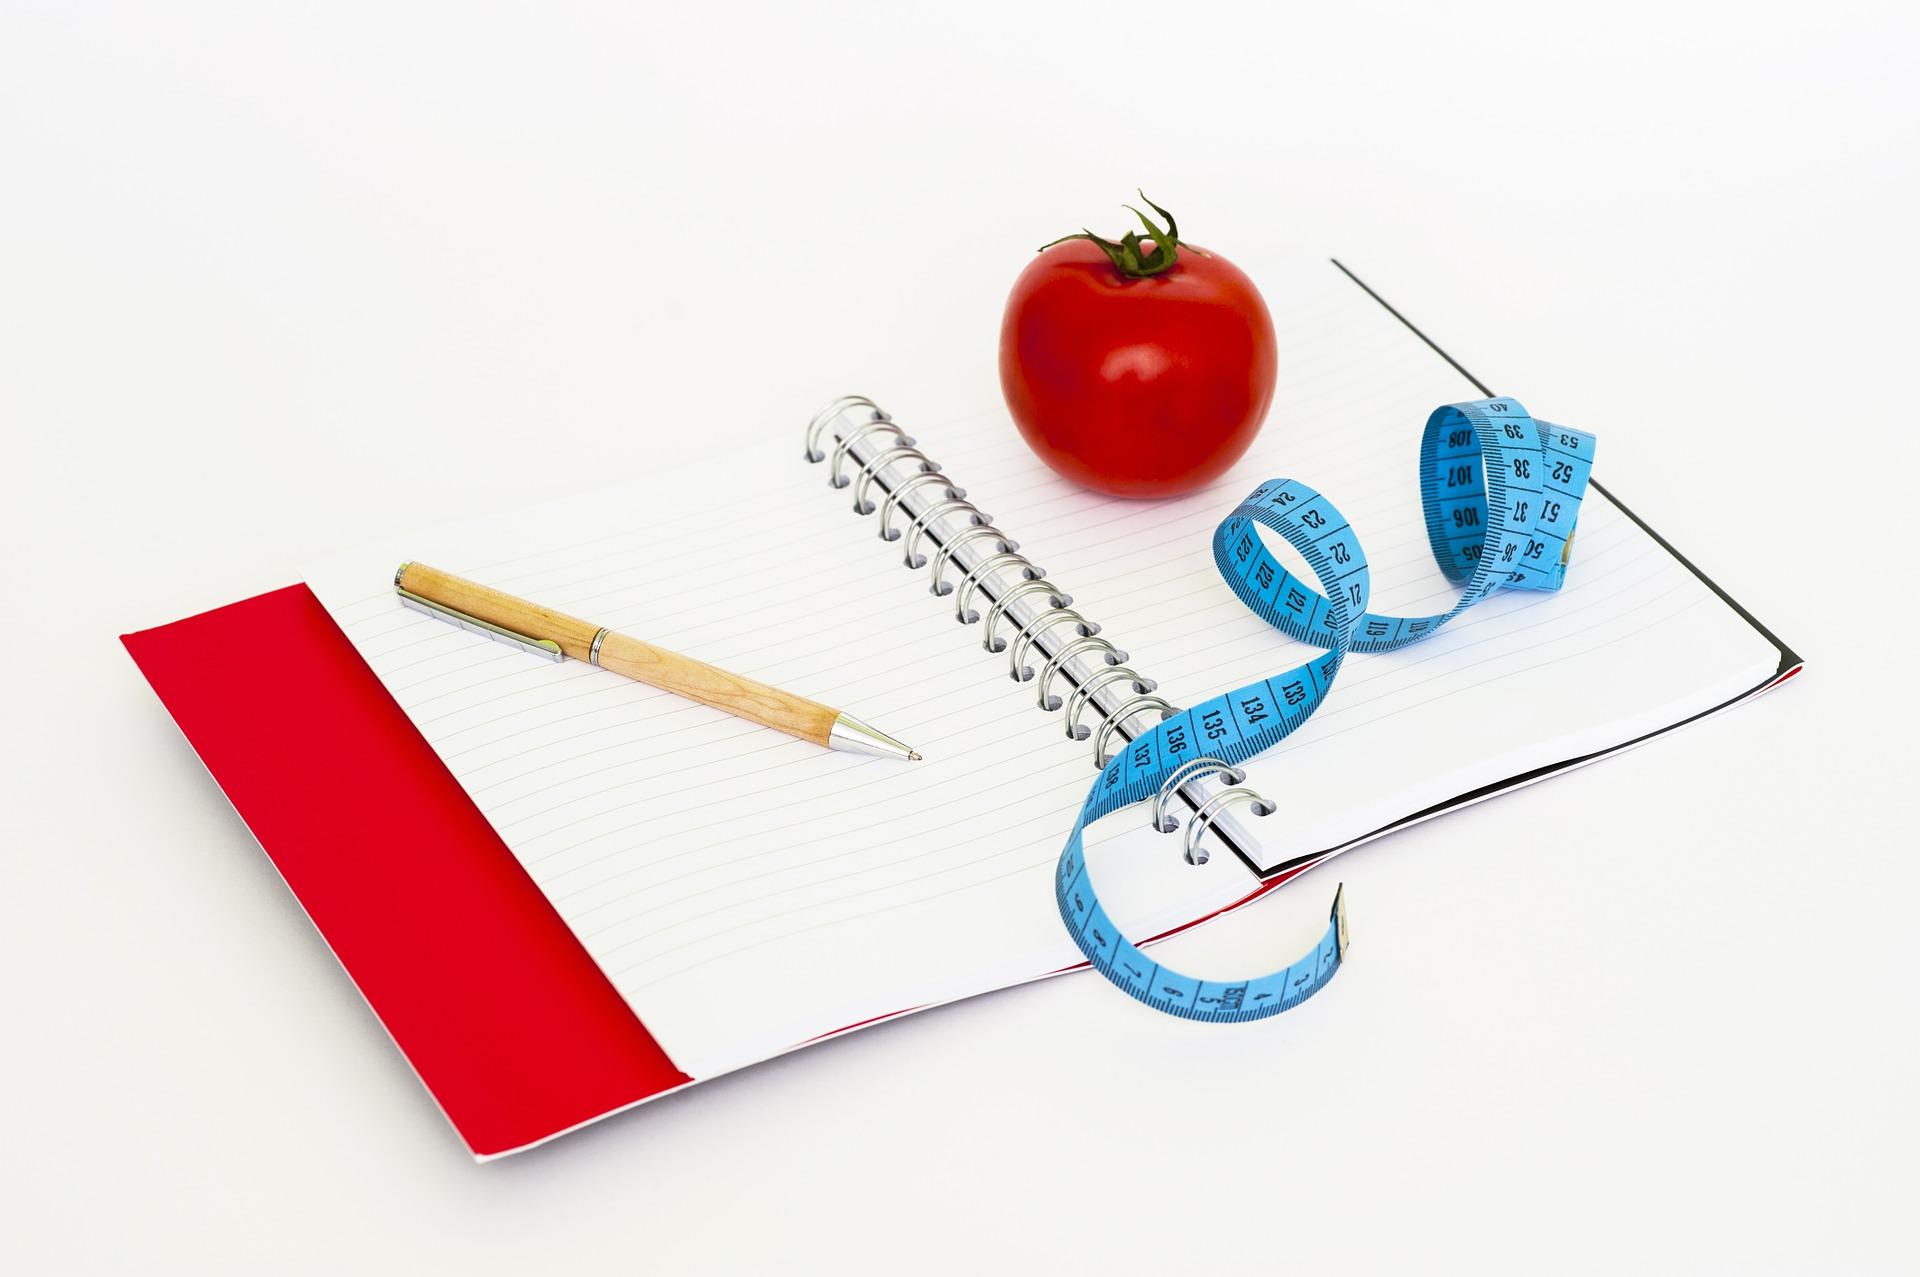 Pravidelná kontrola hubnutí